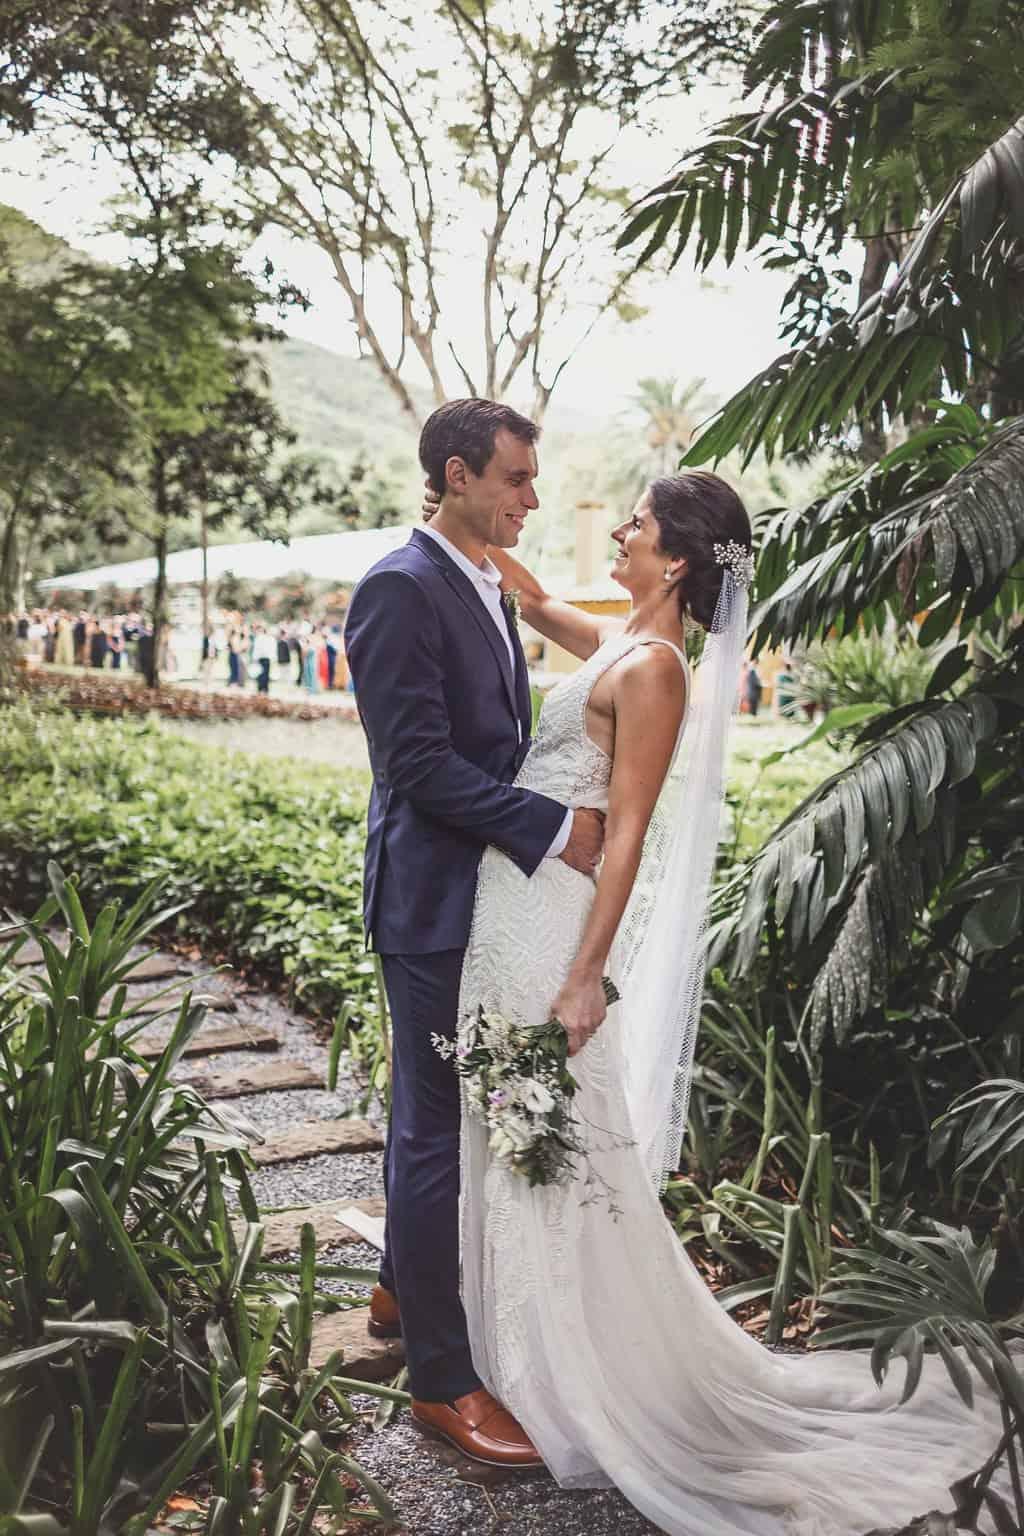 casamento-Ana-Cecilia-e-Leonardo-casamento-na-serra-foto-dos-noivos-graviola-filmes-graviolafilmes-laura-camapnella-de-siervi-lauracampanella-studio-laura-camapnella4